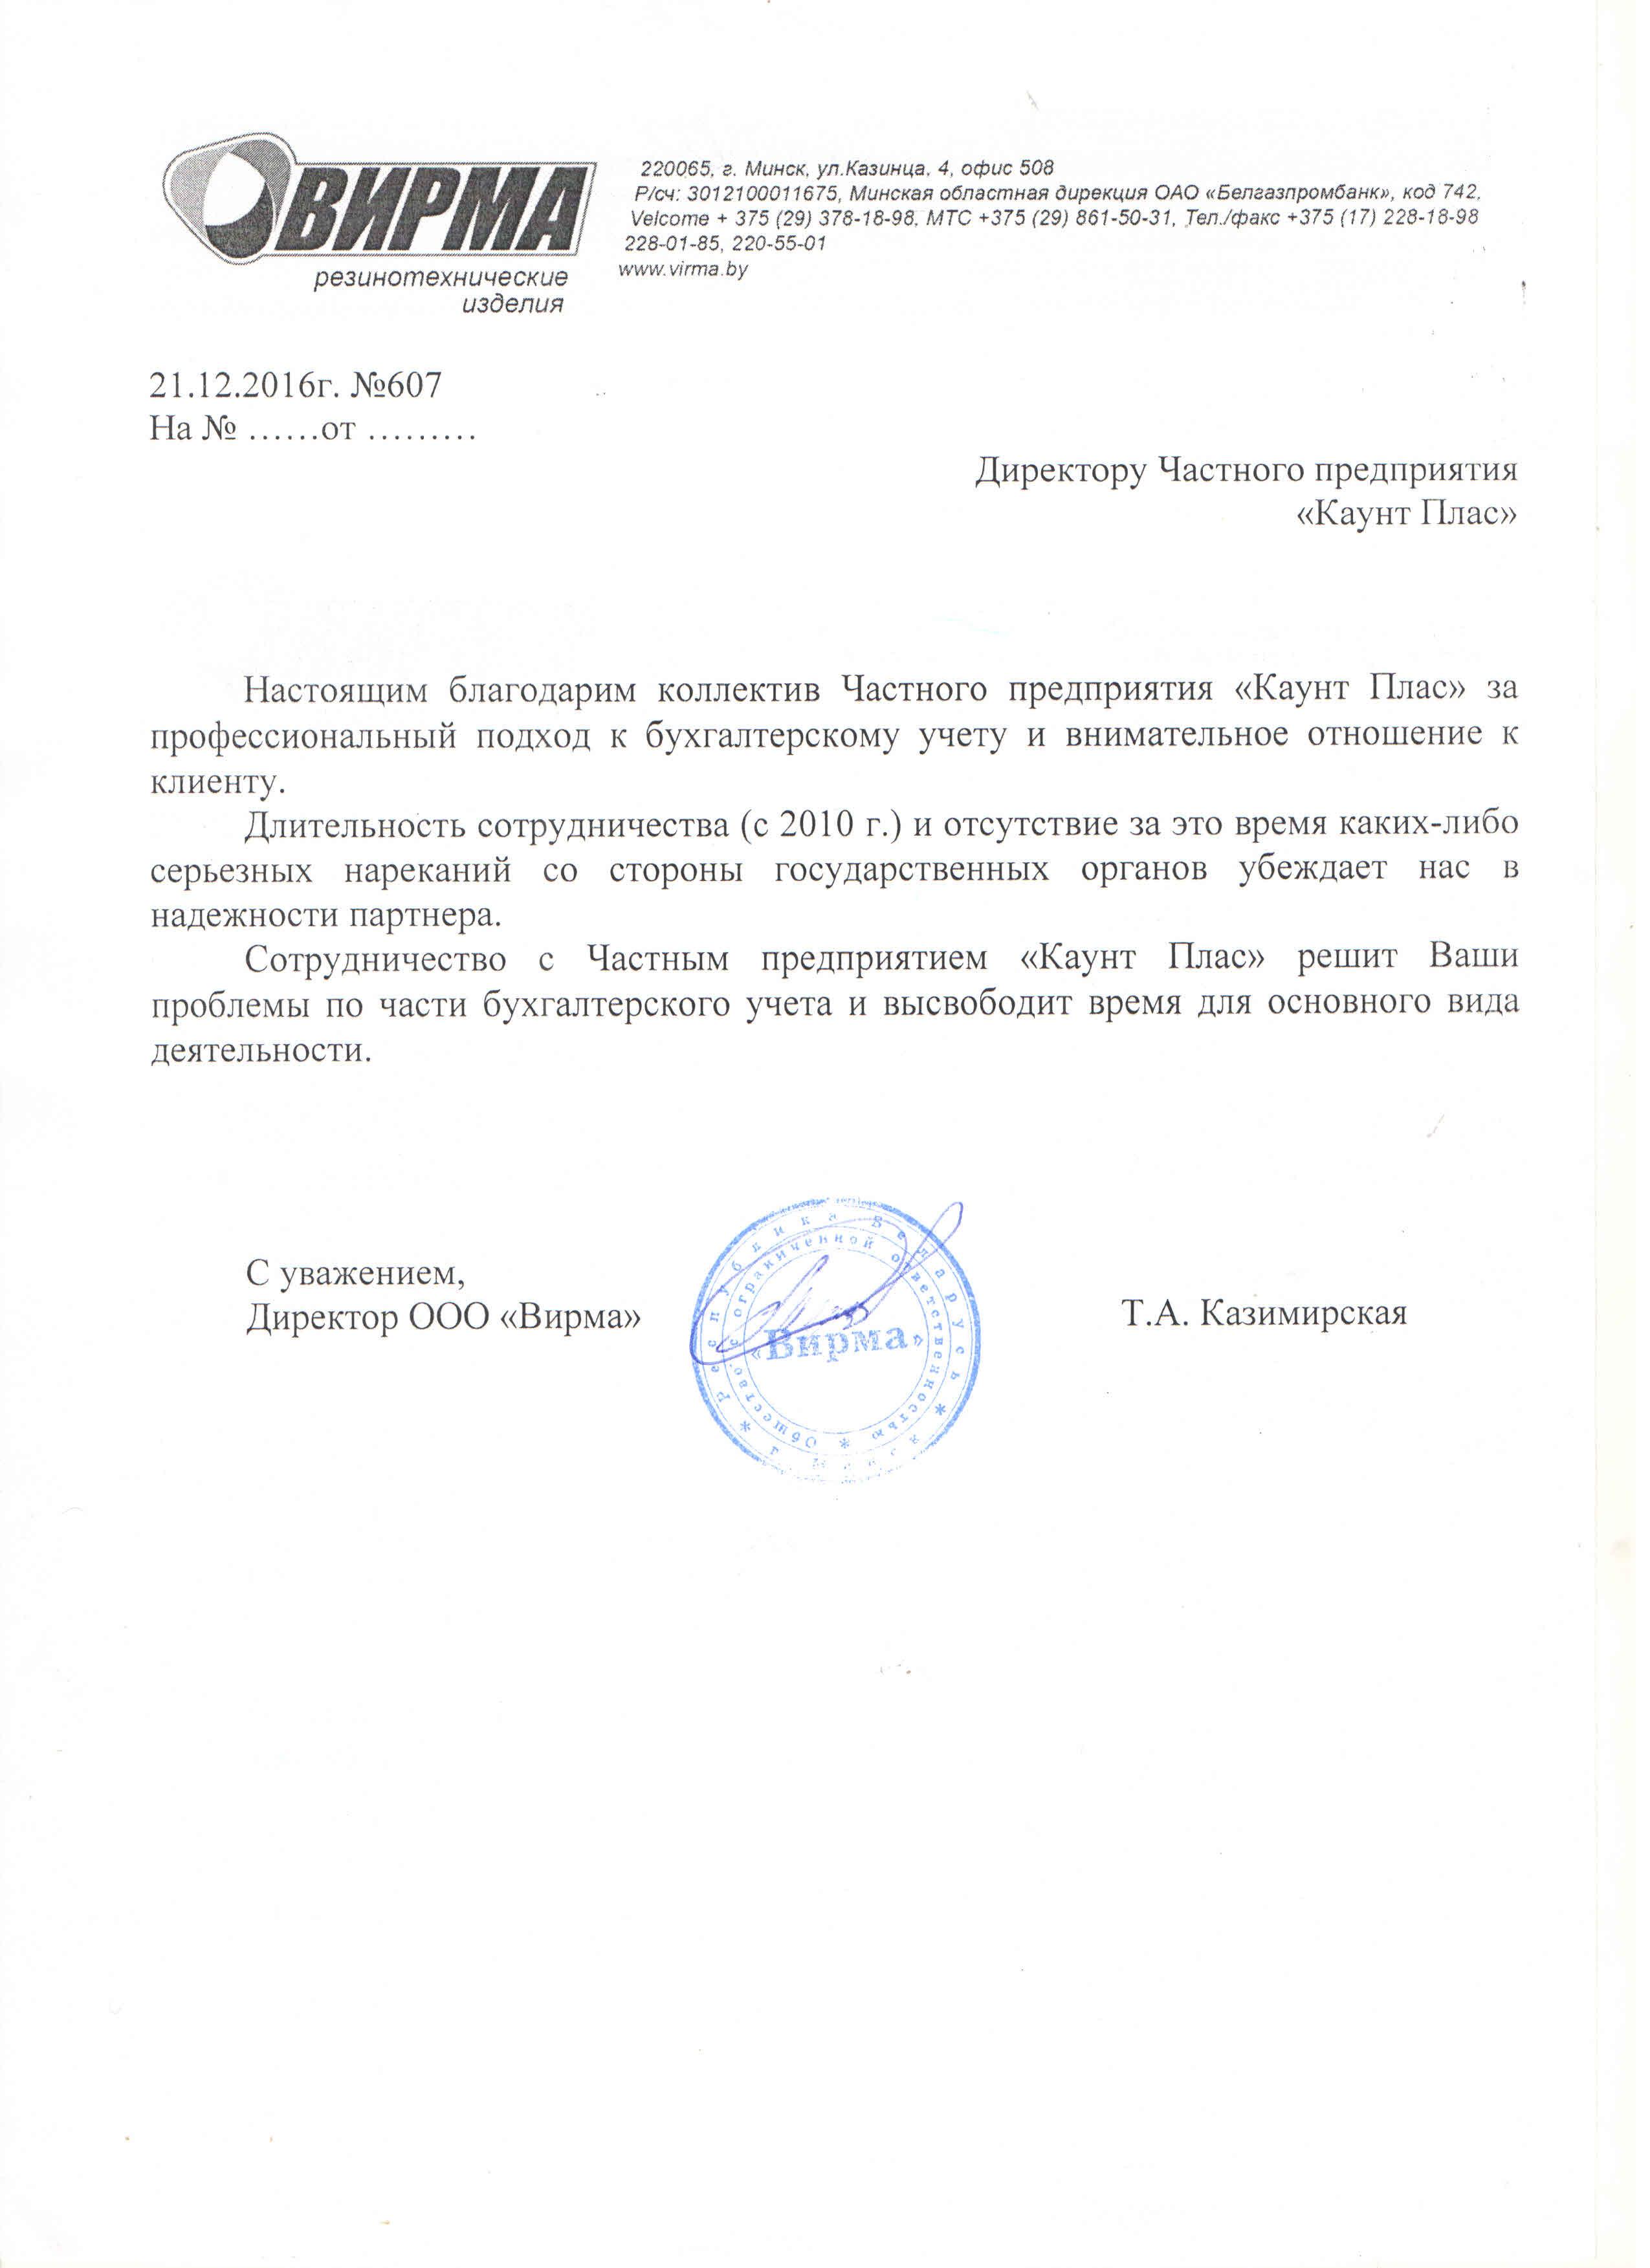 """Отзыв от ООО """"Вирма"""""""